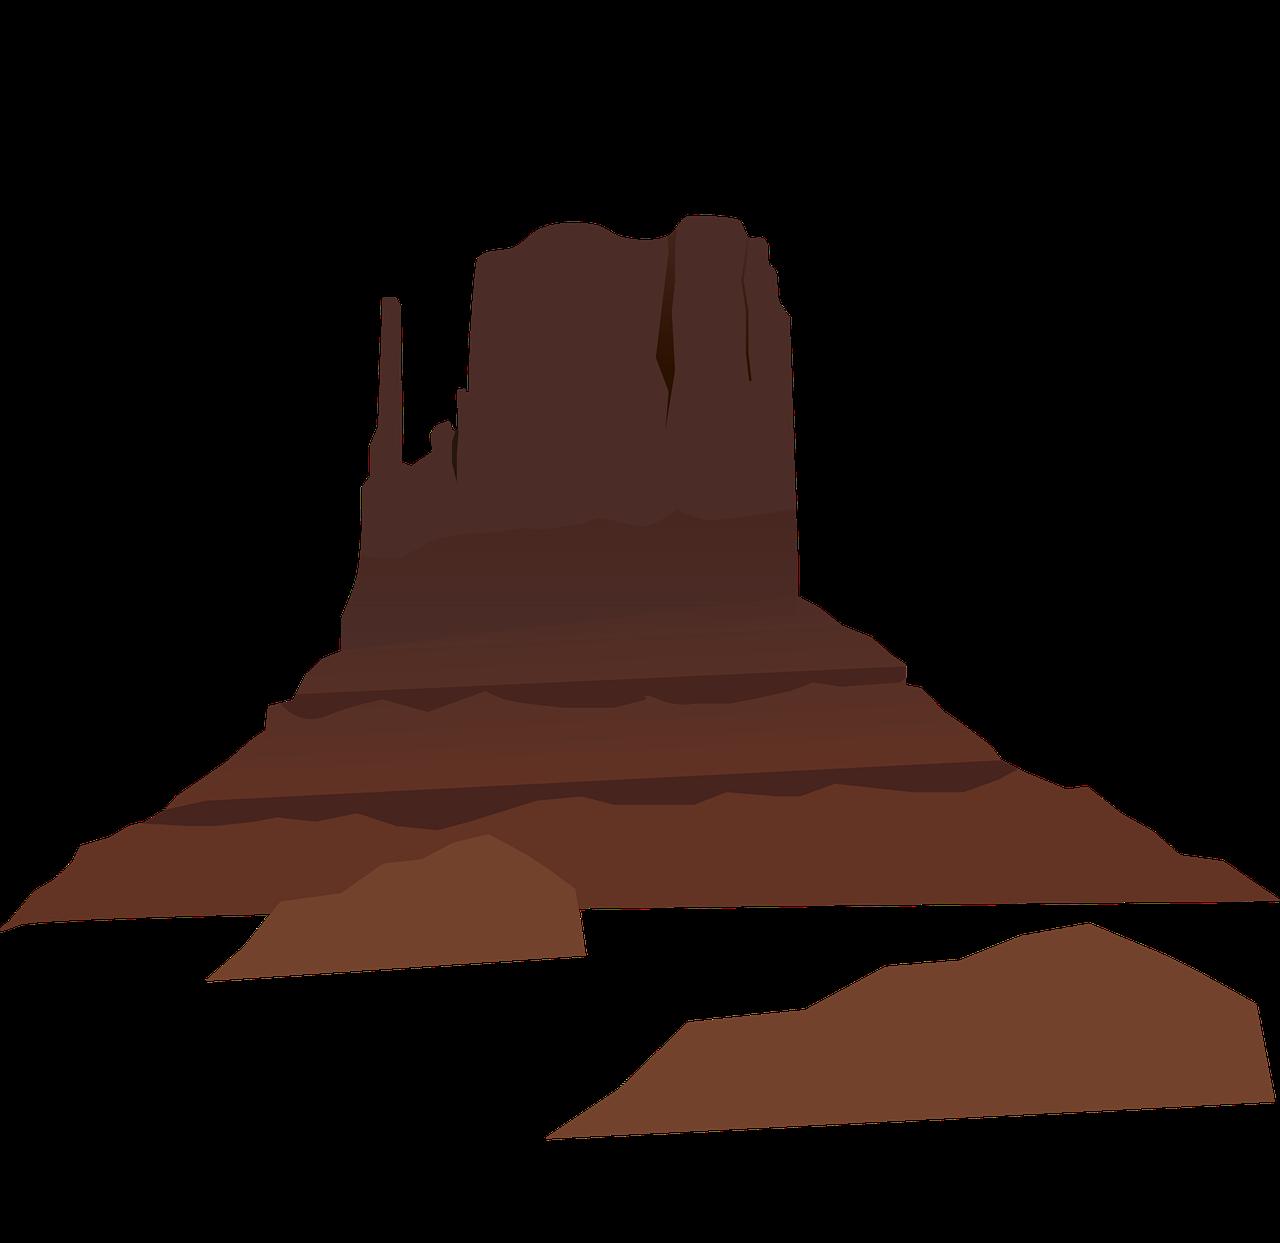 Desert clip art mountains. Landscape clipart western sunset